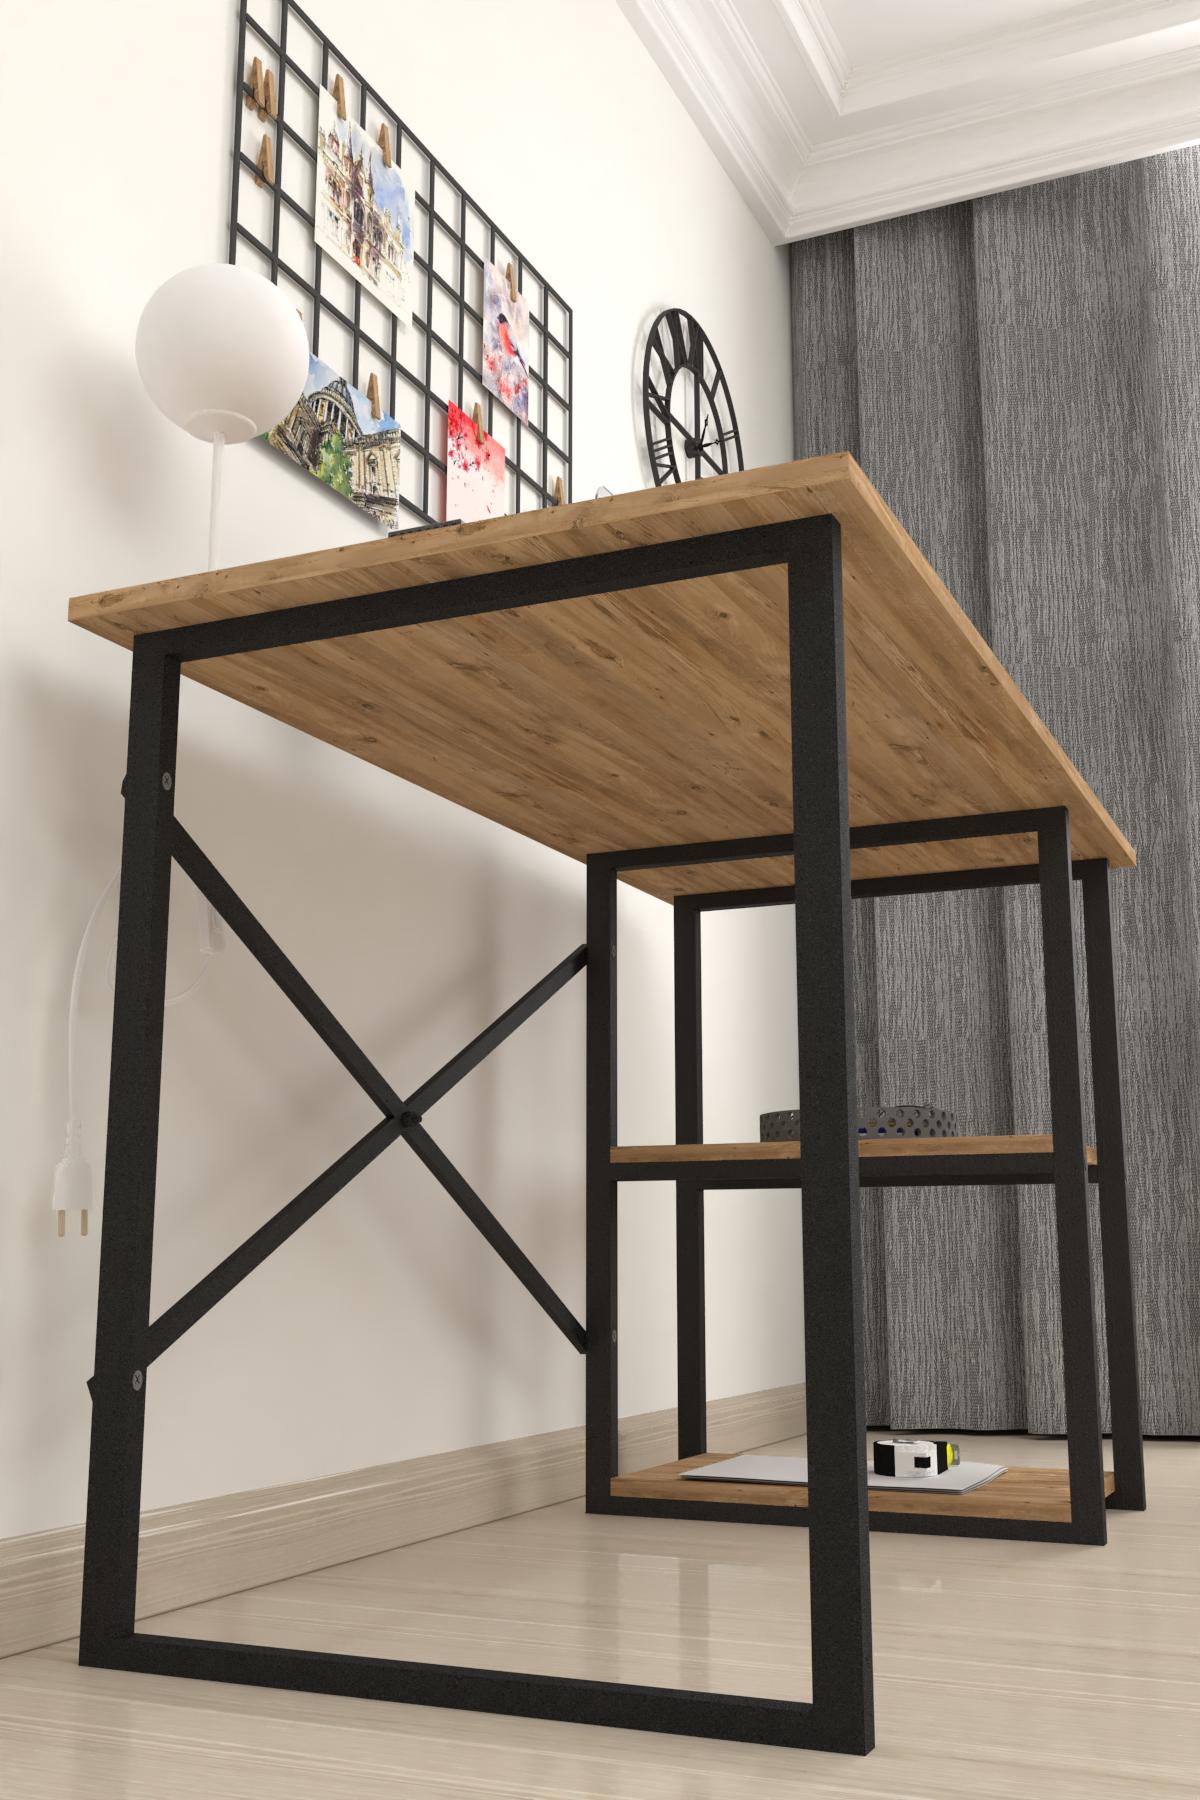 Bofigo 2 Raflı Çalışma Masası 60x120 cm Çam